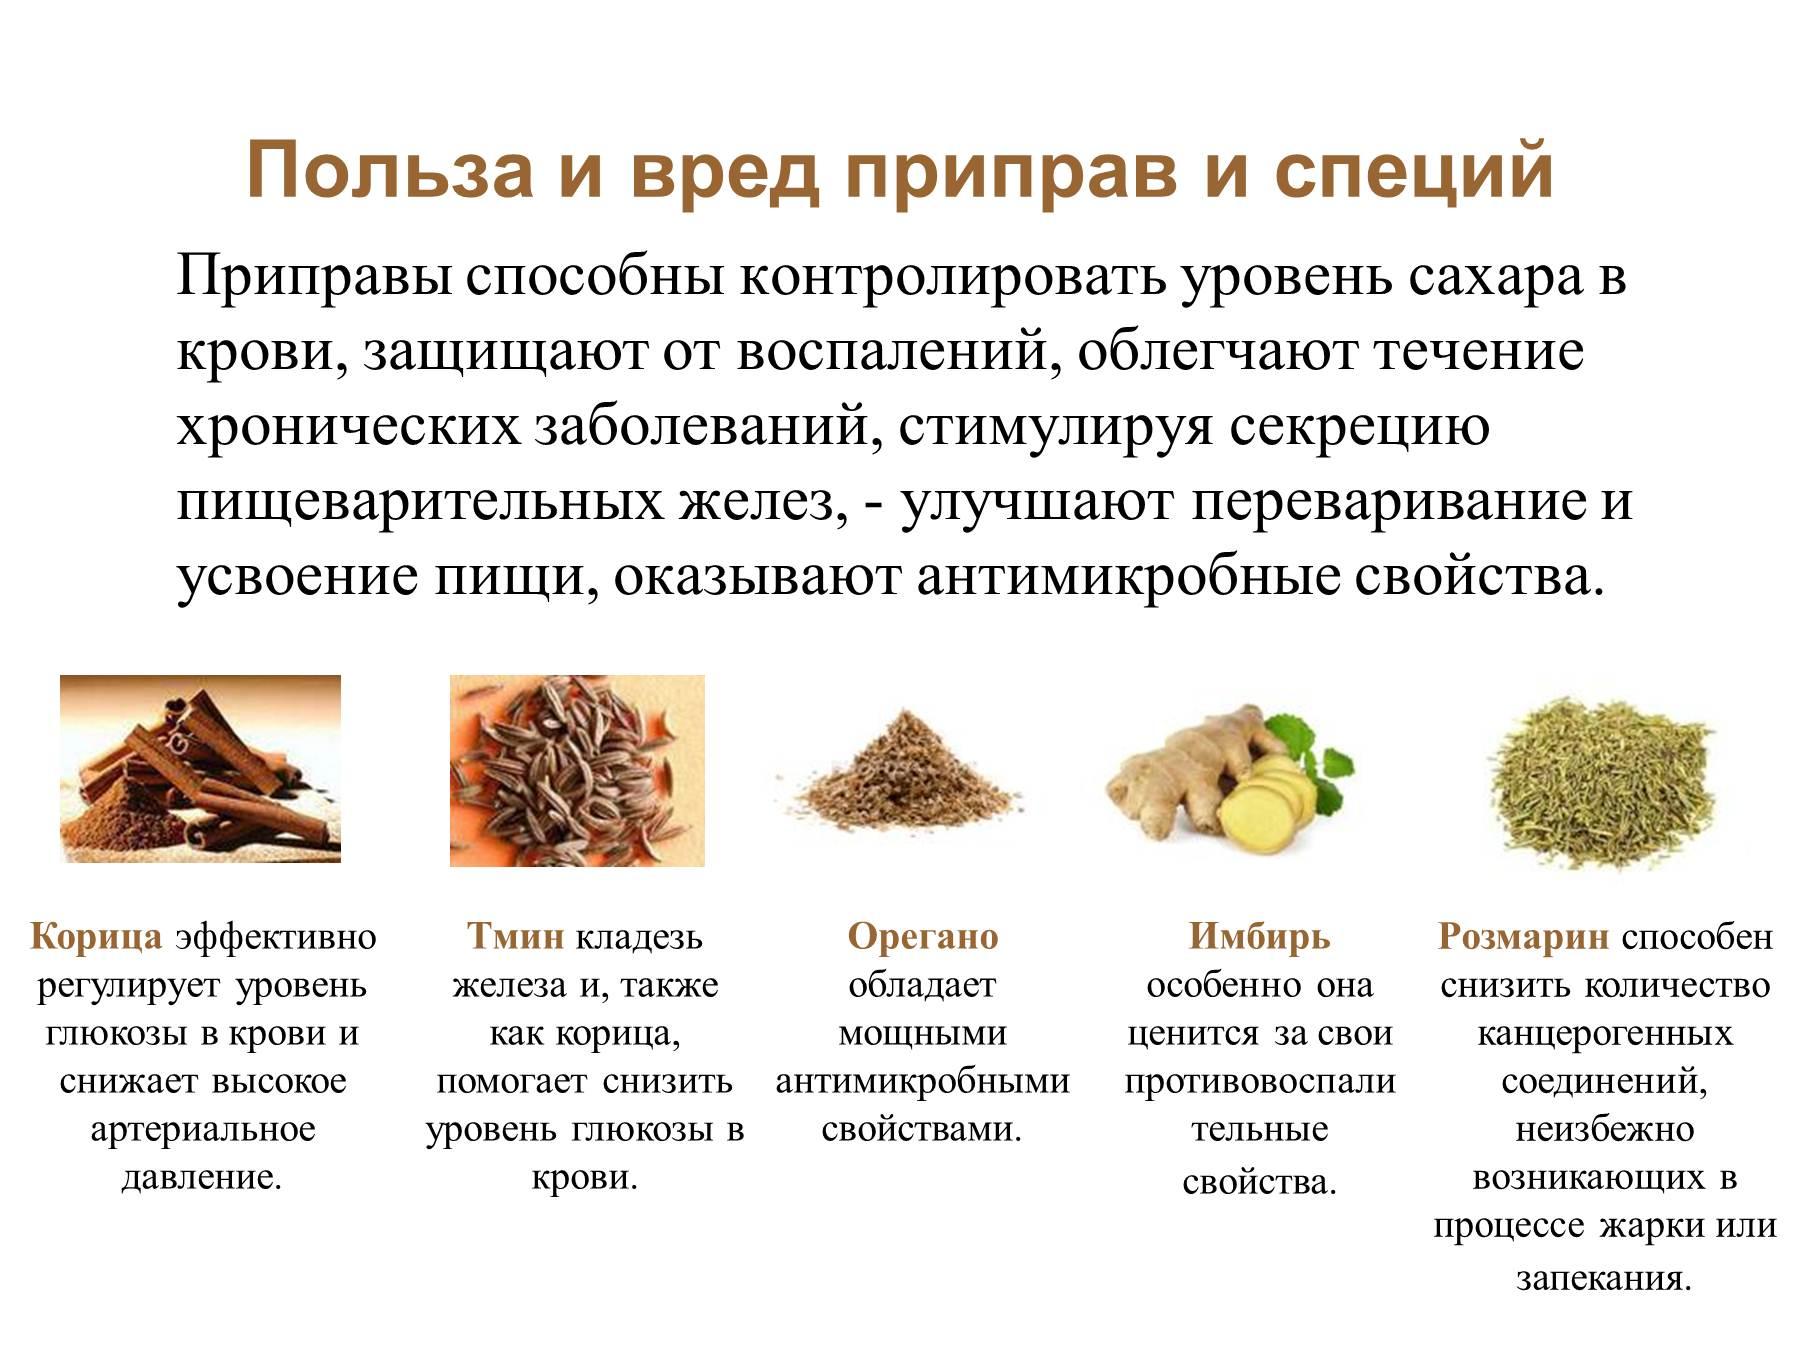 Мед с корицей как сладкая панацея: 17 целебных свойств чудодейственной смеси